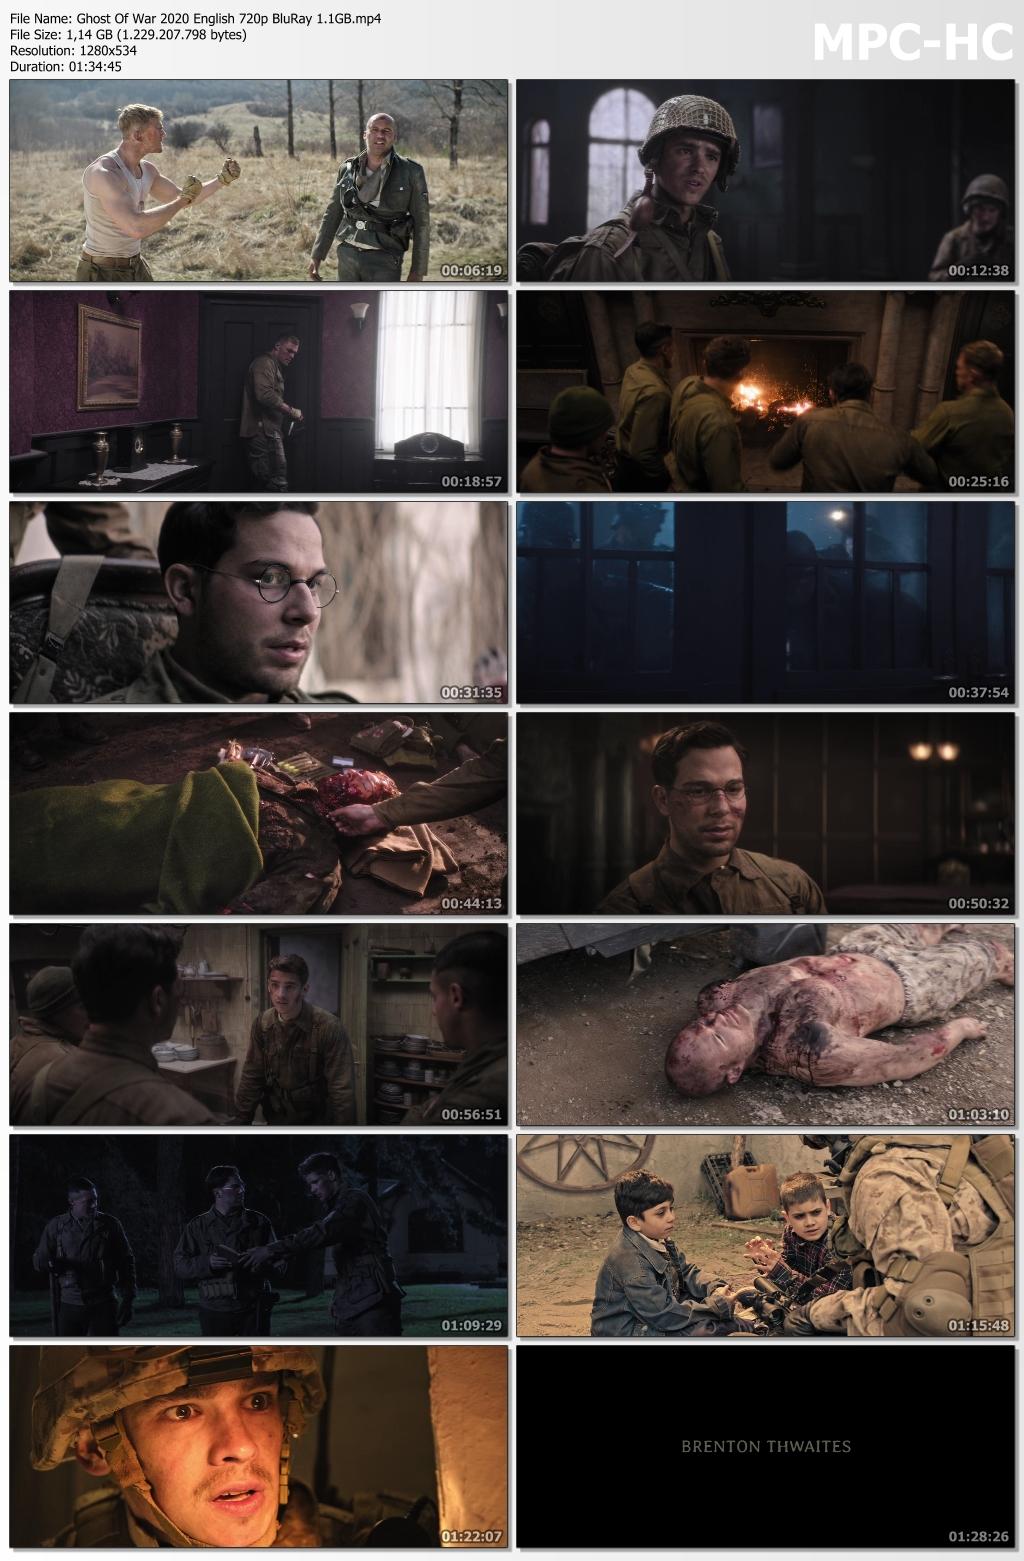 Ghost-Of-War-2020-English-720p-Blu-Ray-1-1-GB-mp4-thumbs